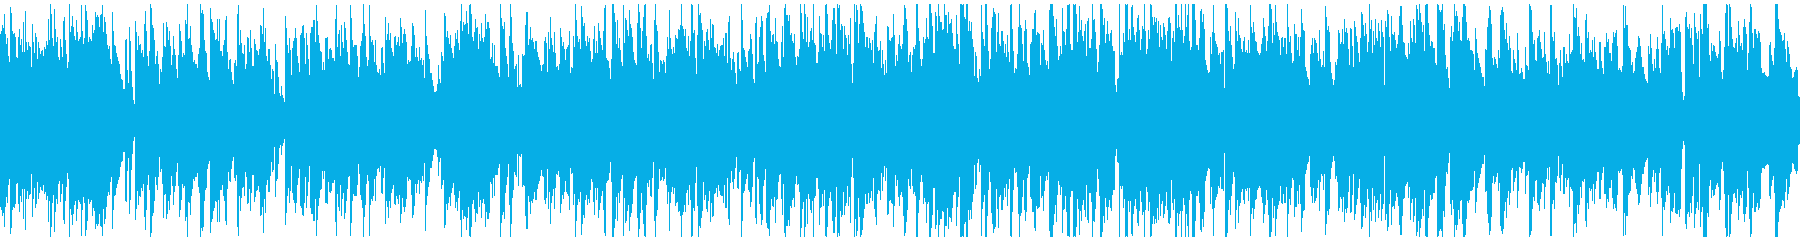 ウキウキする軽快なジャズ ※ループ仕様版の再生済みの波形